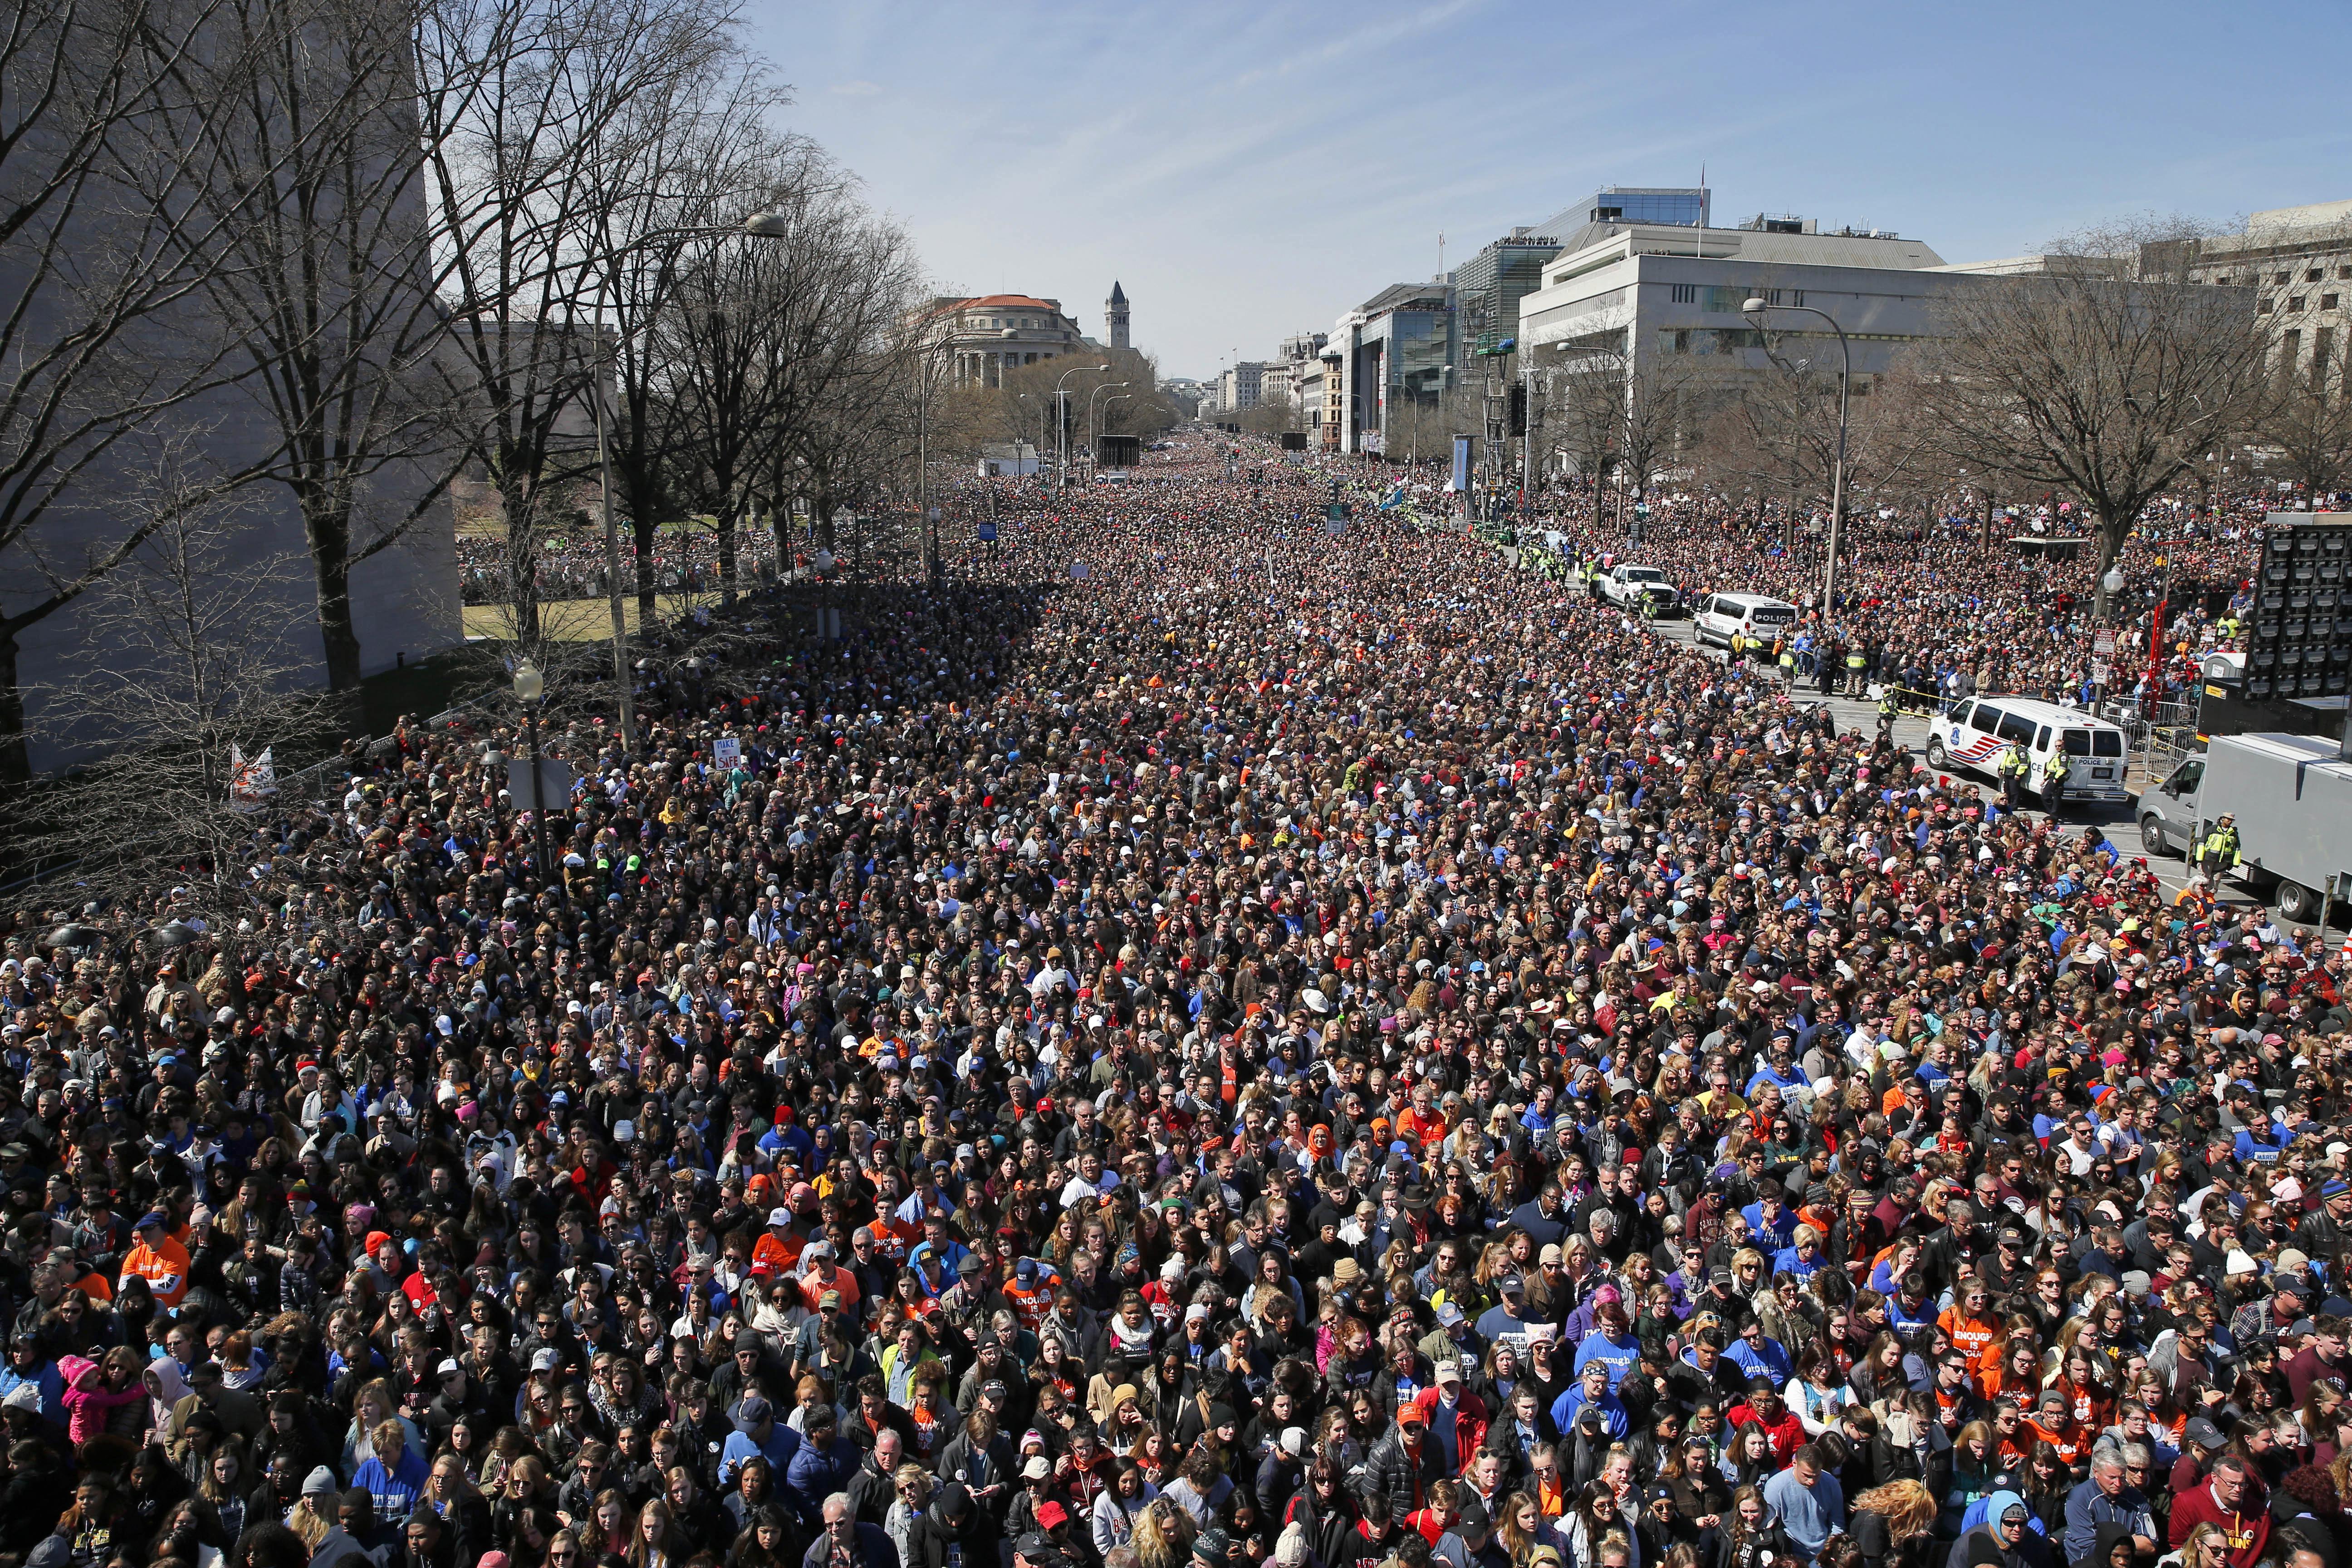 全國反槍枝暴力集會「為活命而走」(March for Our Lives),數十萬示威者聚集在主場華府。(美聯社)